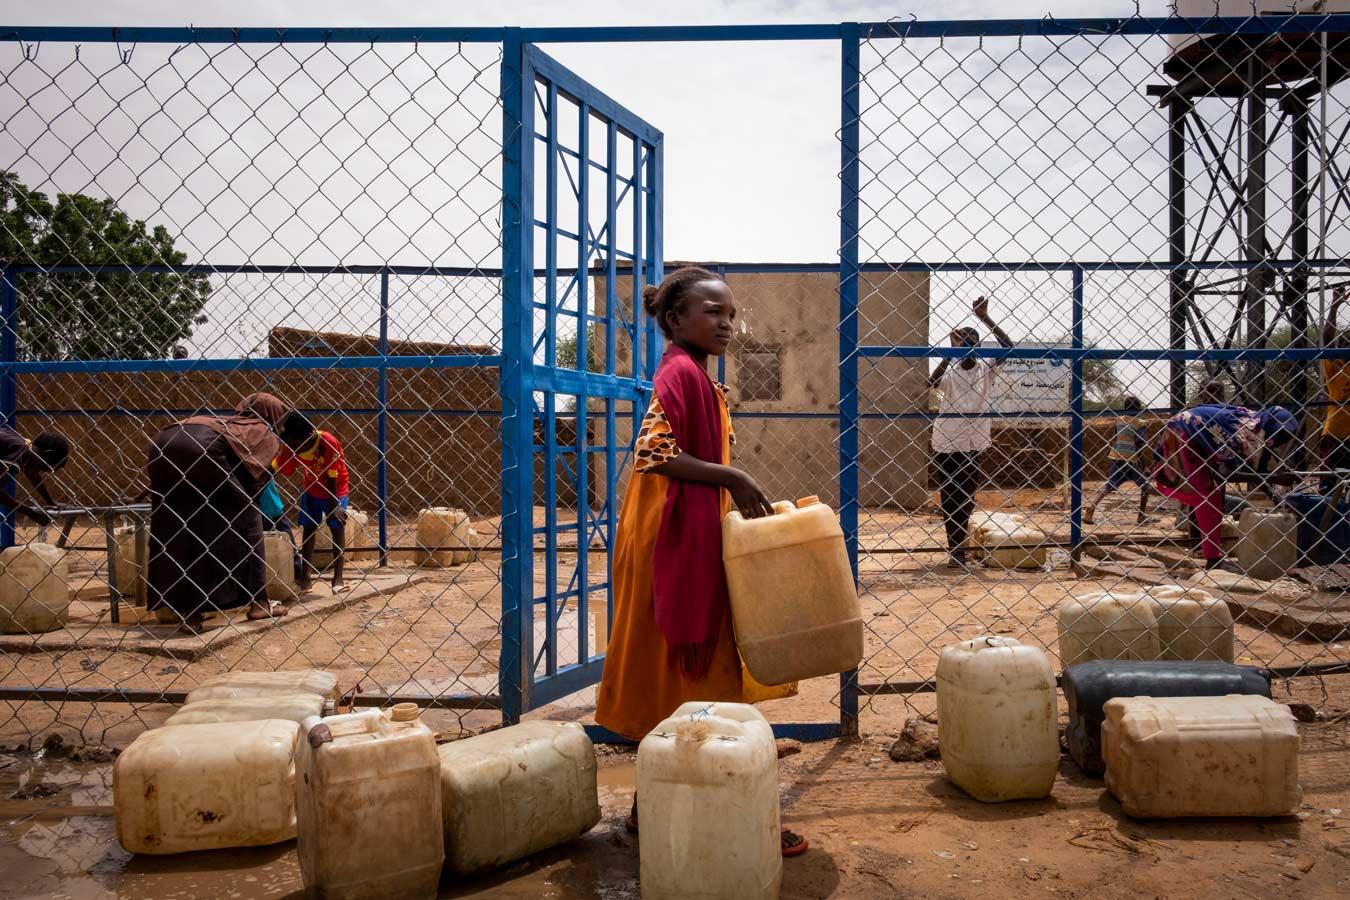 world-water-day-2020-sudan-032020.jpg